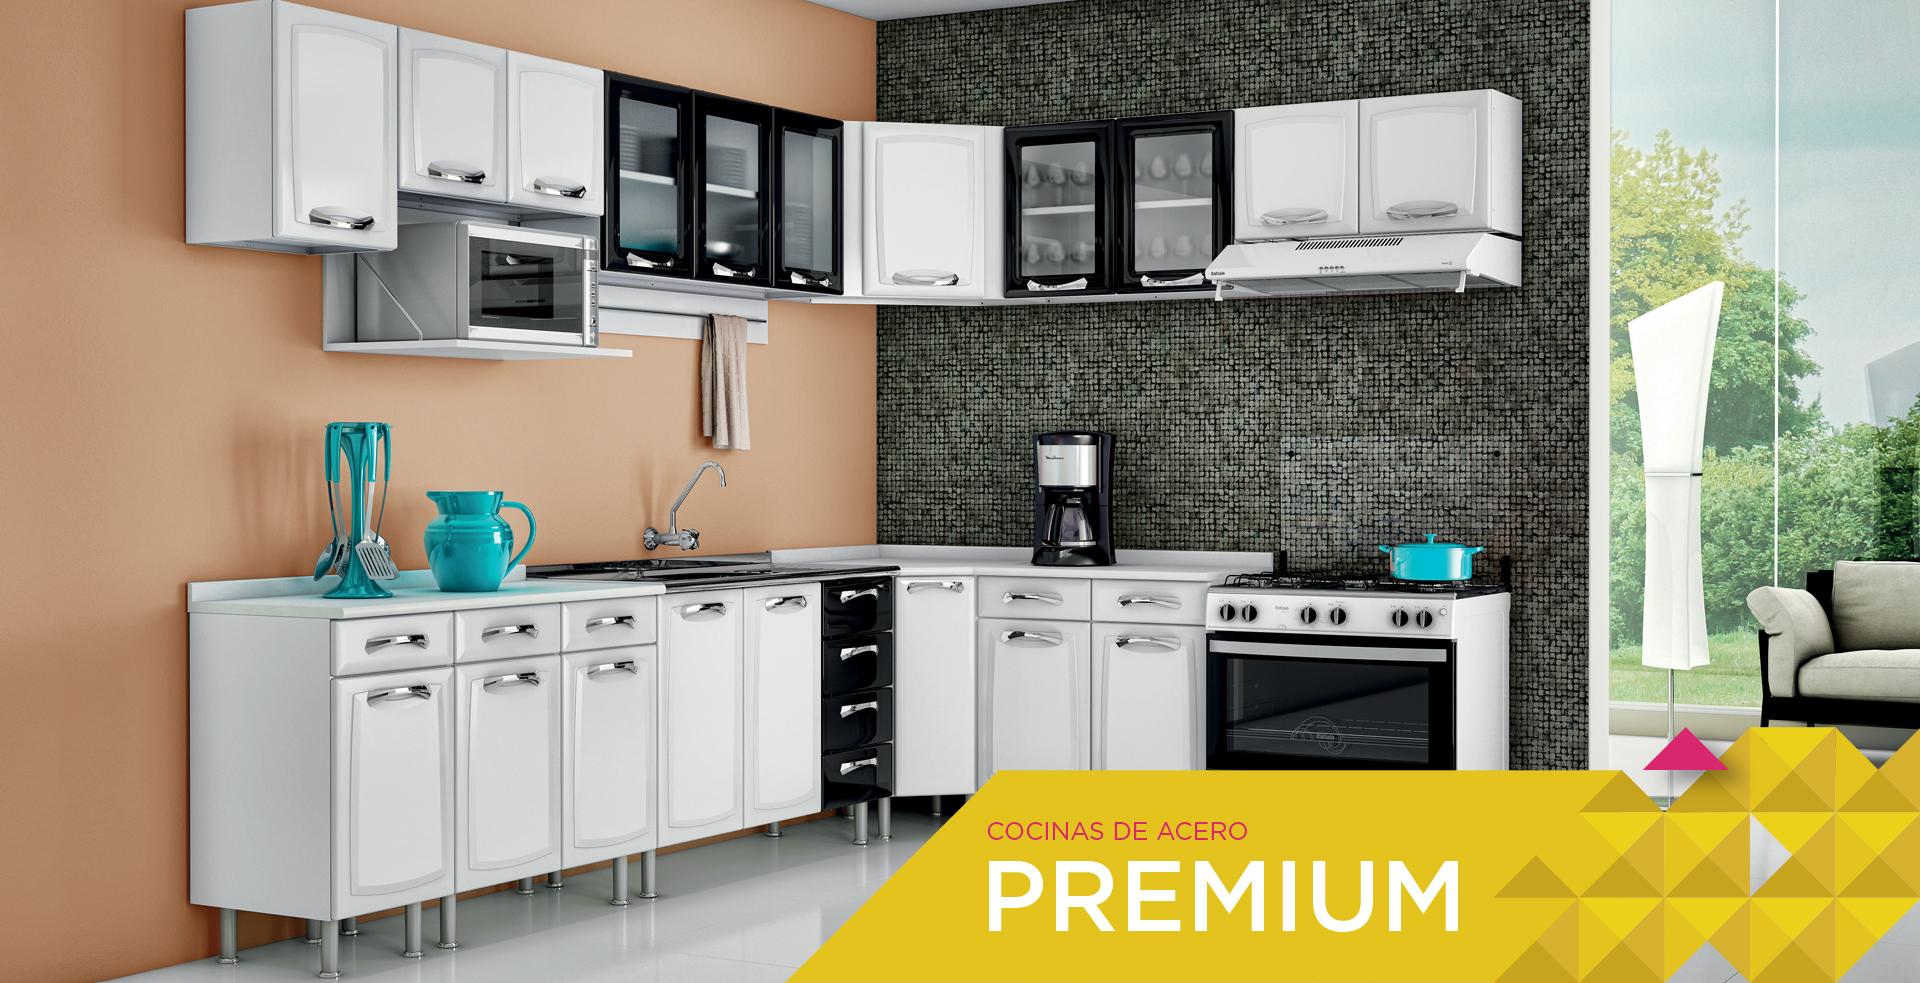 Cocinas de Acero Premium | Cozinhas Itatiaia